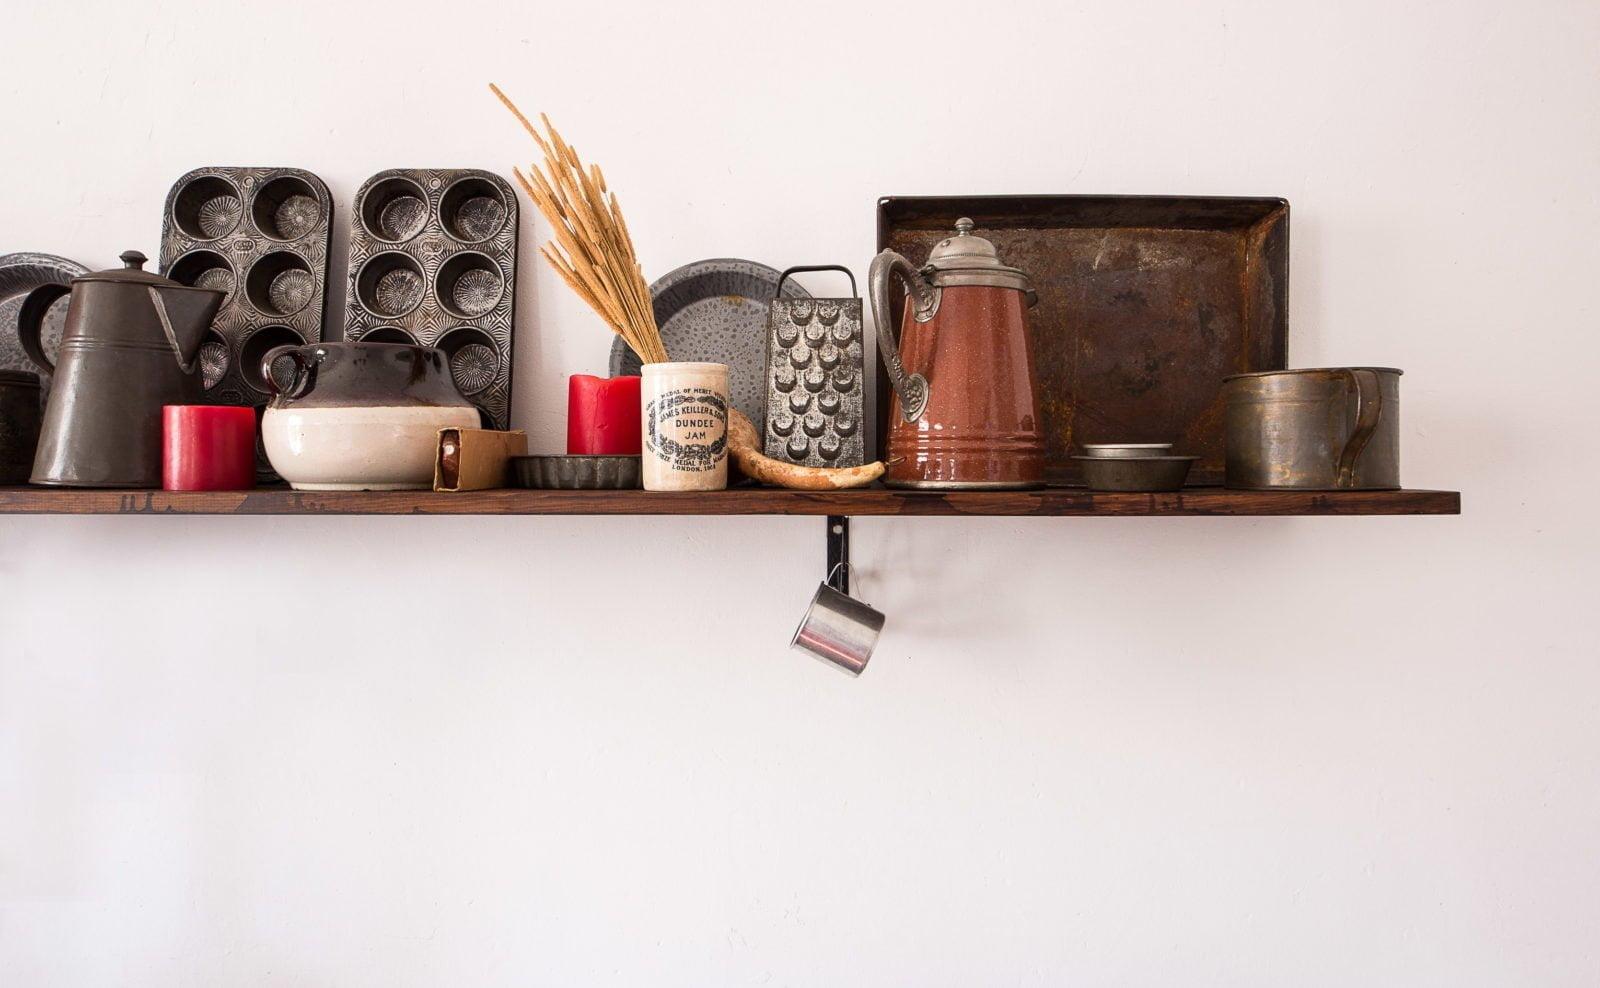 aparatos de cocina que funcionan sin electricidad